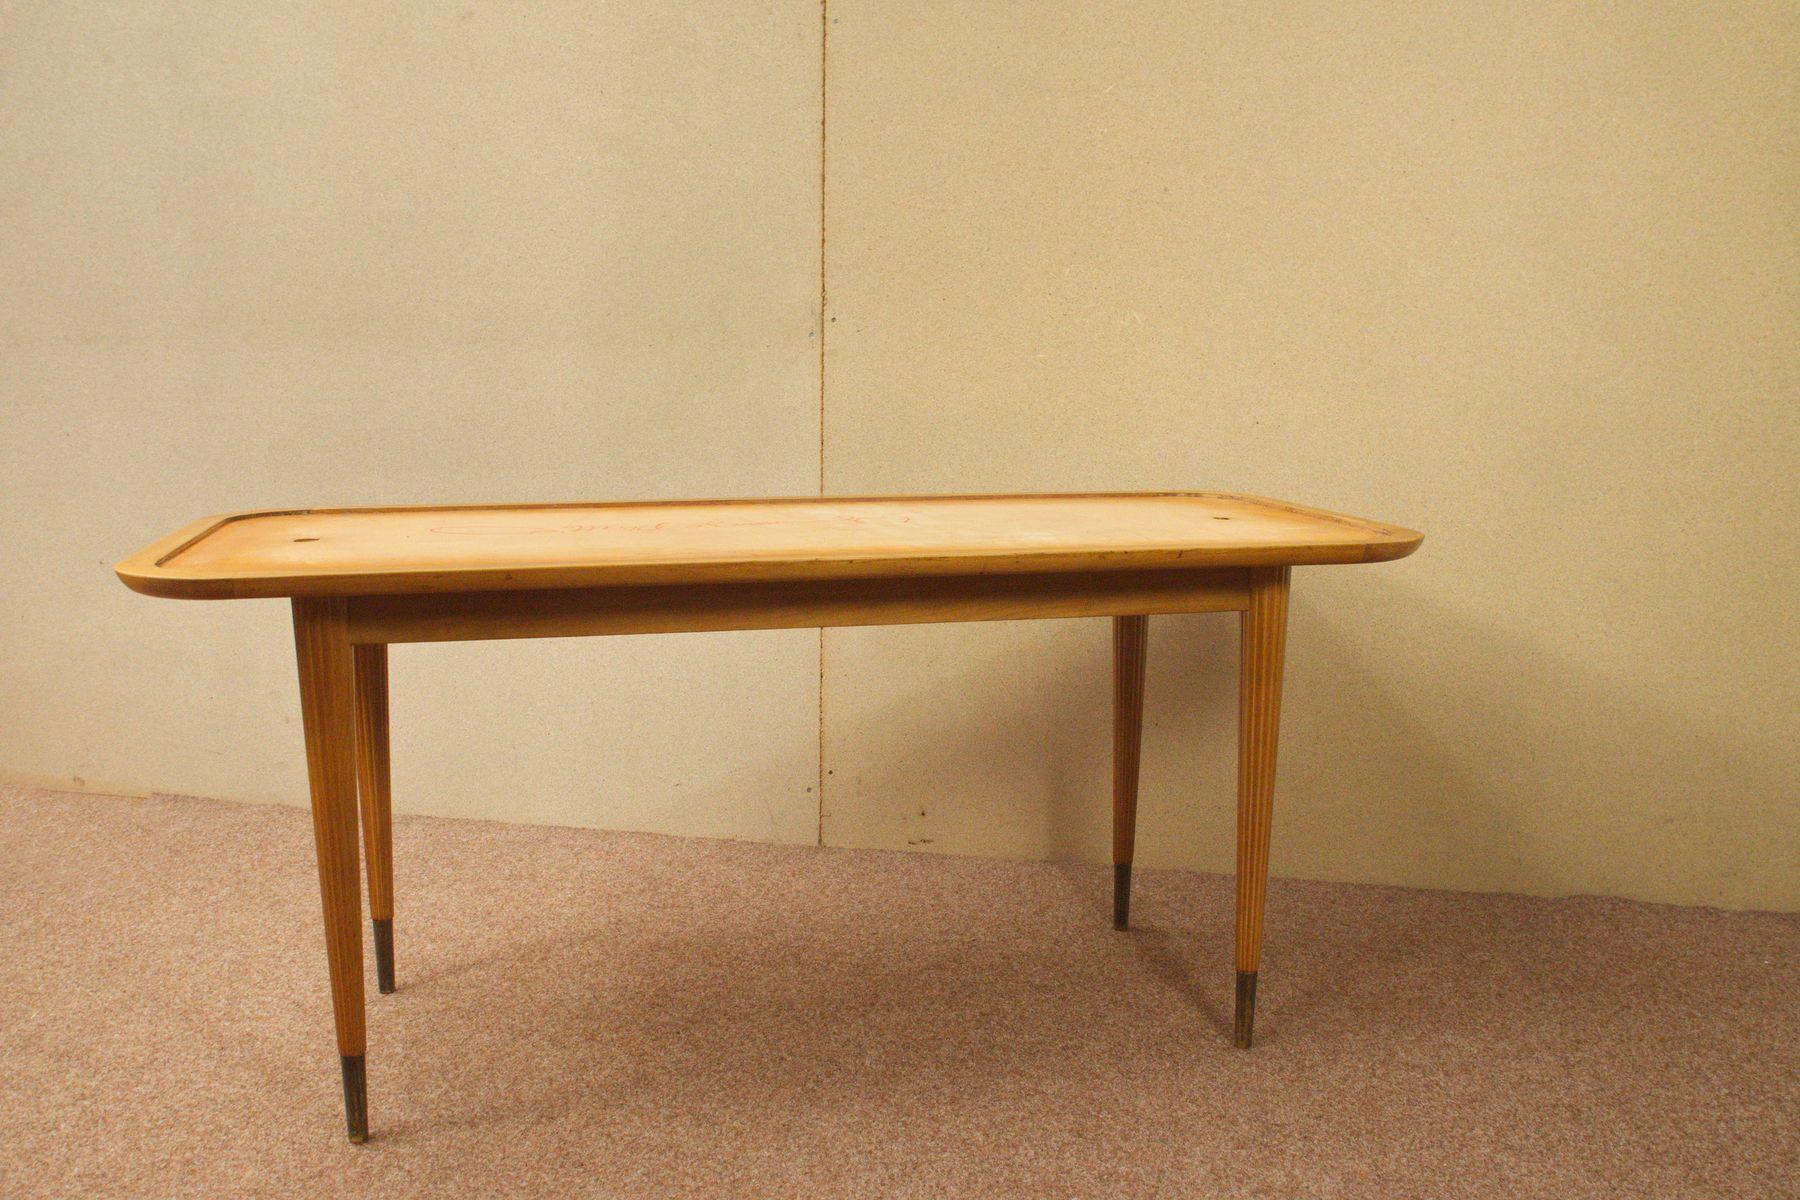 table basse avec plateau en verre noir allemagne 1950s en vente sur pamono. Black Bedroom Furniture Sets. Home Design Ideas